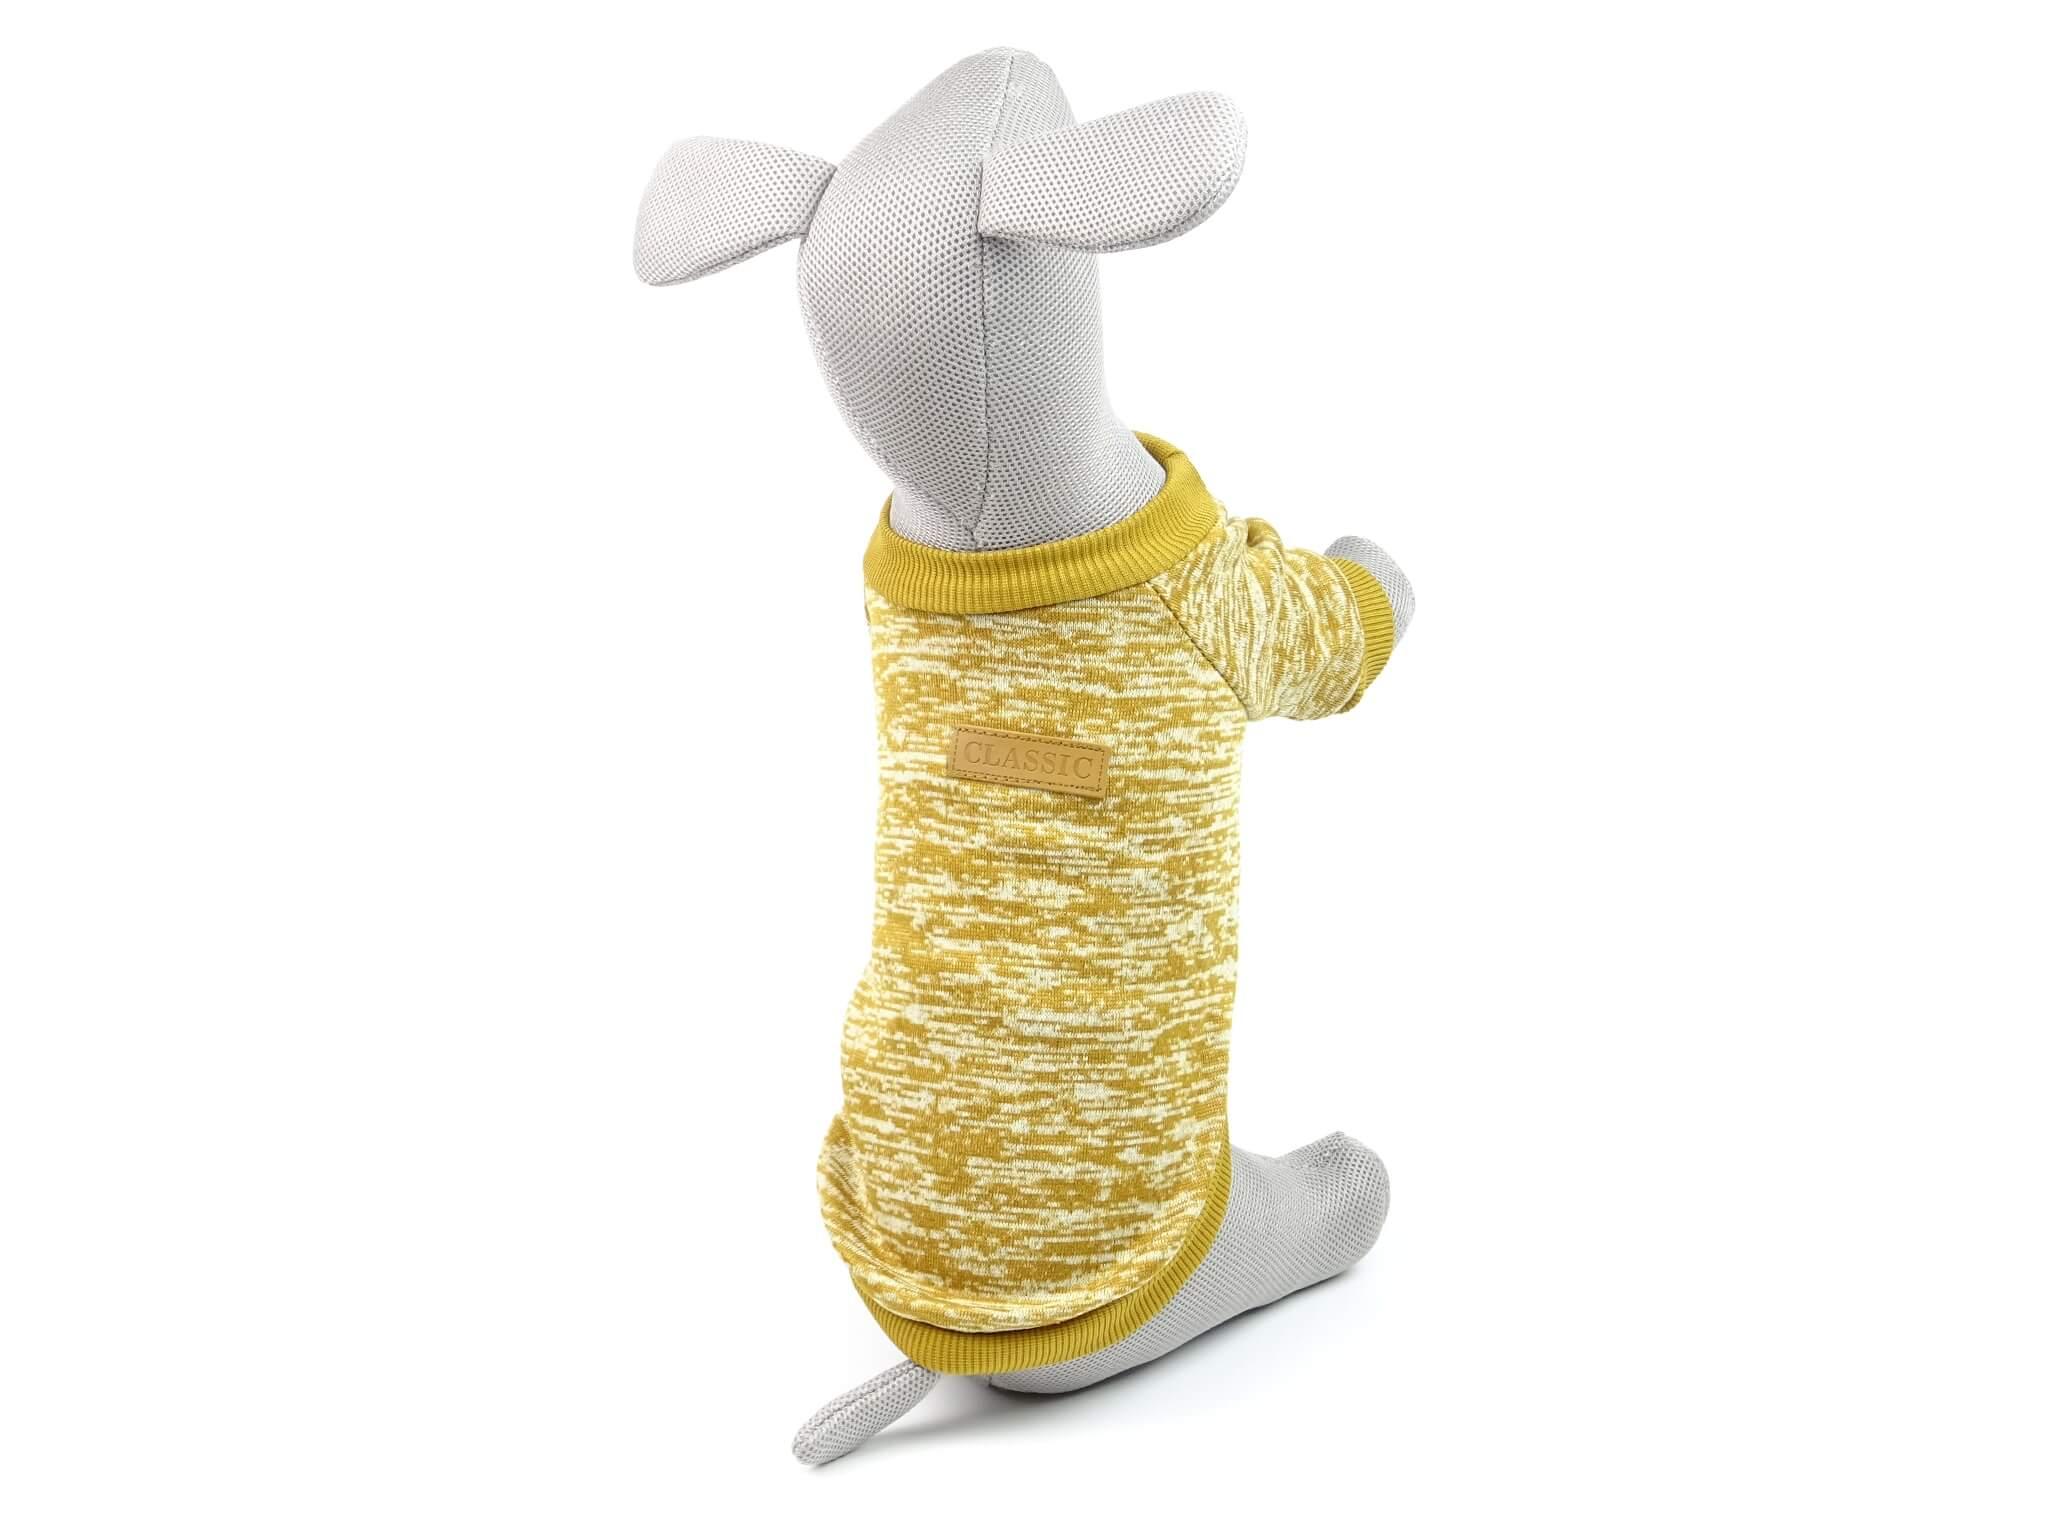 Levně Vsepropejska Classic mikina pro psa Barva: Hořčicová, Délka zad psa: 20 cm, Obvod hrudníku: 24 - 30 cm